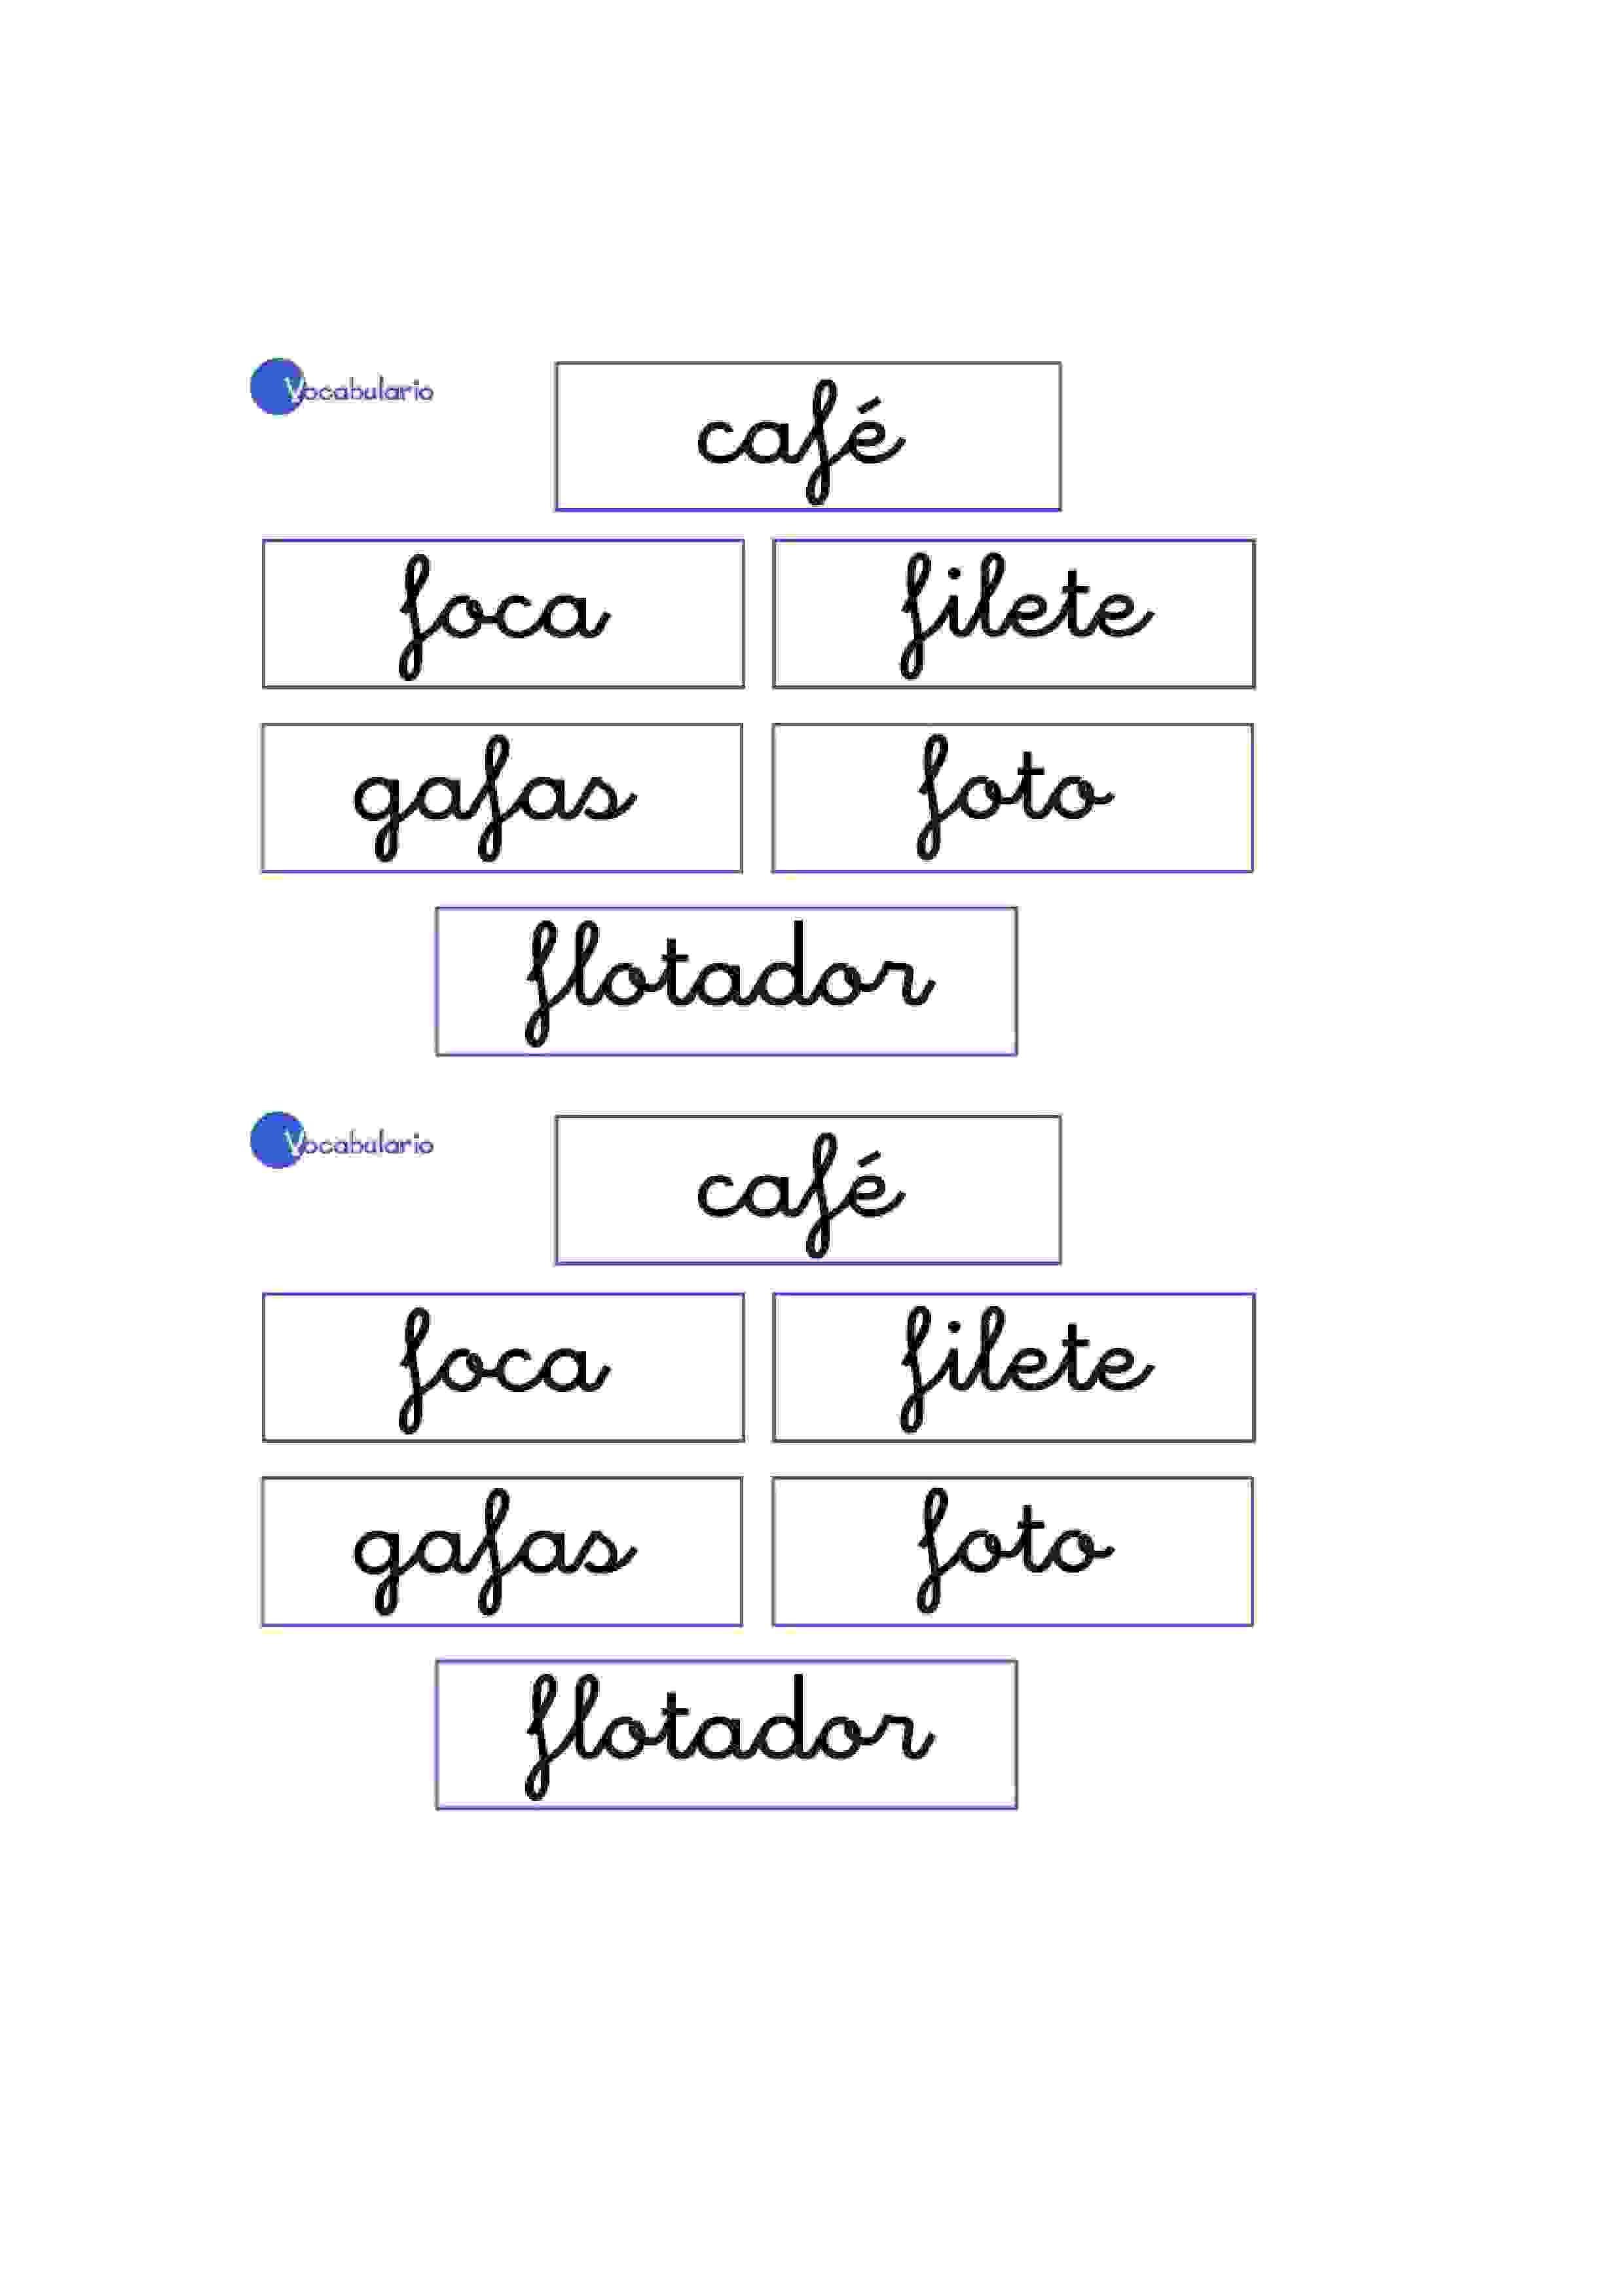 Lernübungen für kinder zu drucken. Vokabular Spanisch zu lernen 6 ...